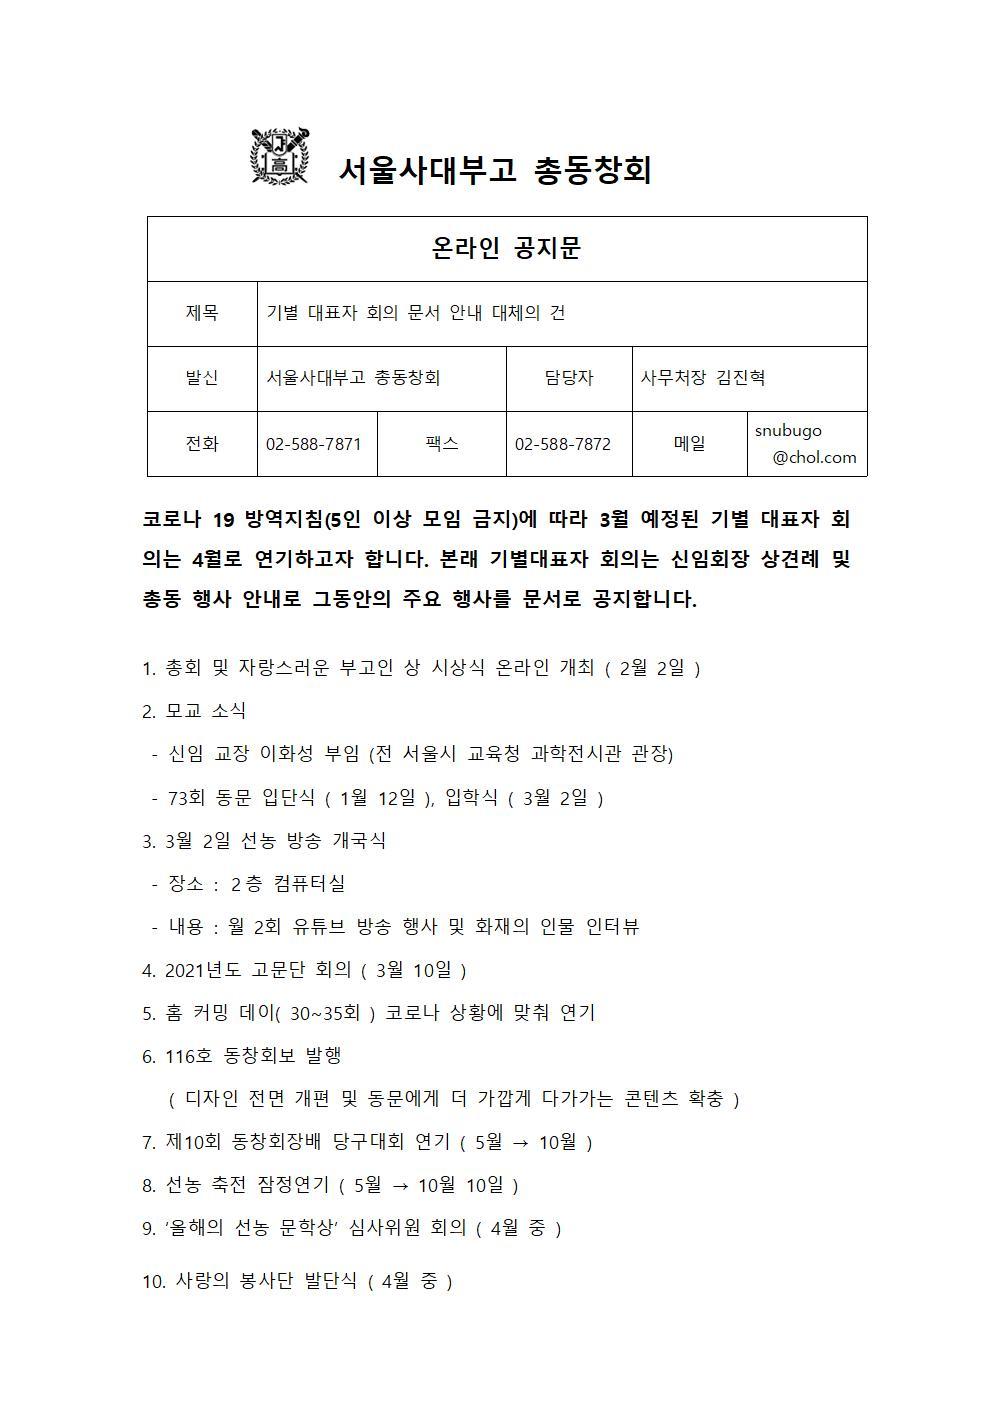 기별회장단회의 문서 안내001.jpg